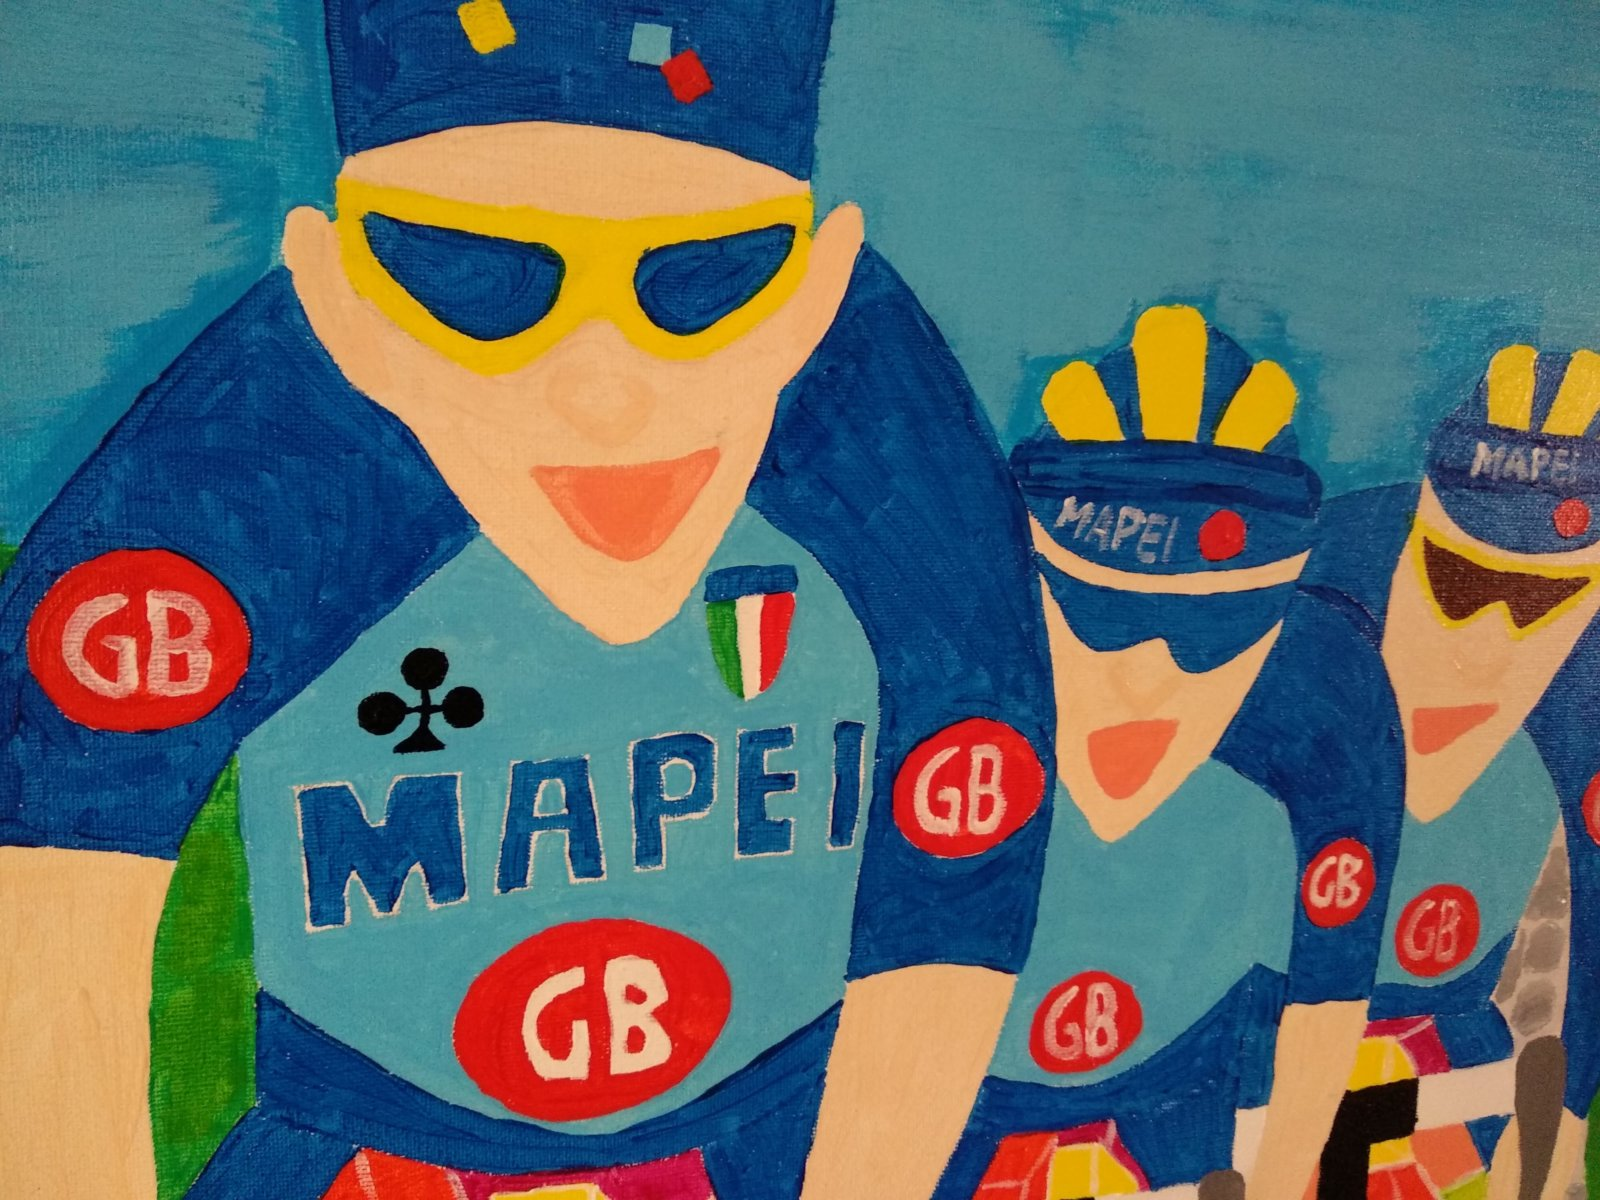 Detail Painting Museeuw Bortolami Naar Roubaix 1996 Created By Decreatievelink